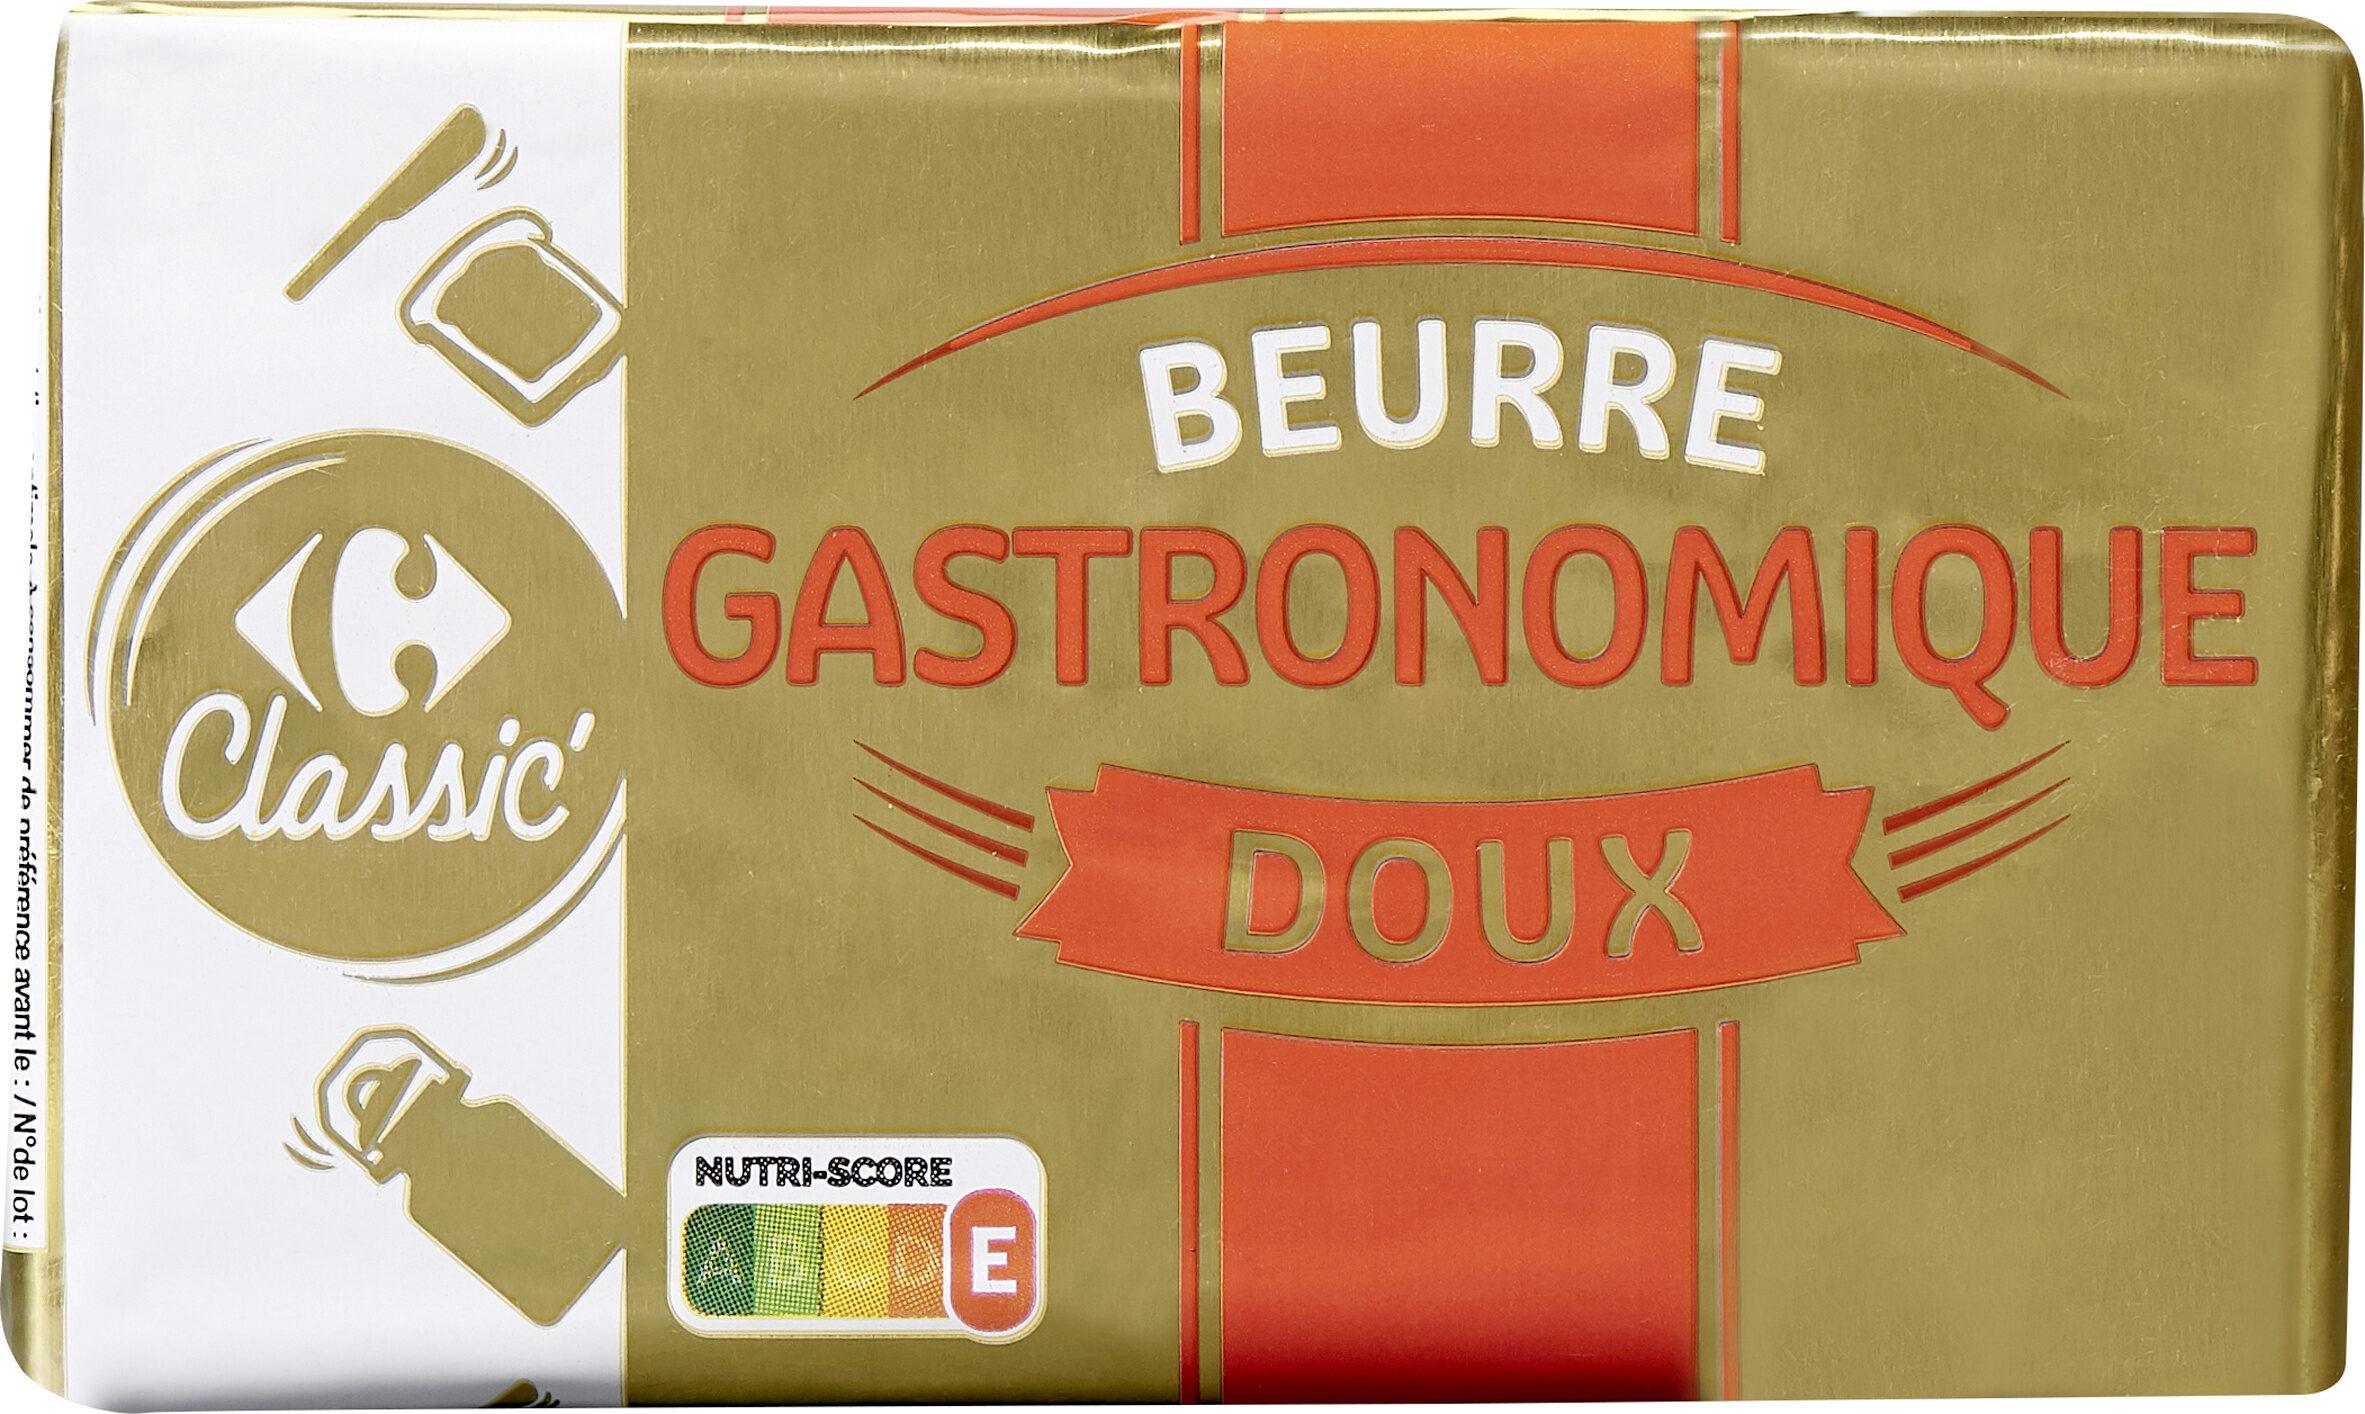 Beurre DOUX LAIT ORIGINE BRETAGNE - Produit - fr